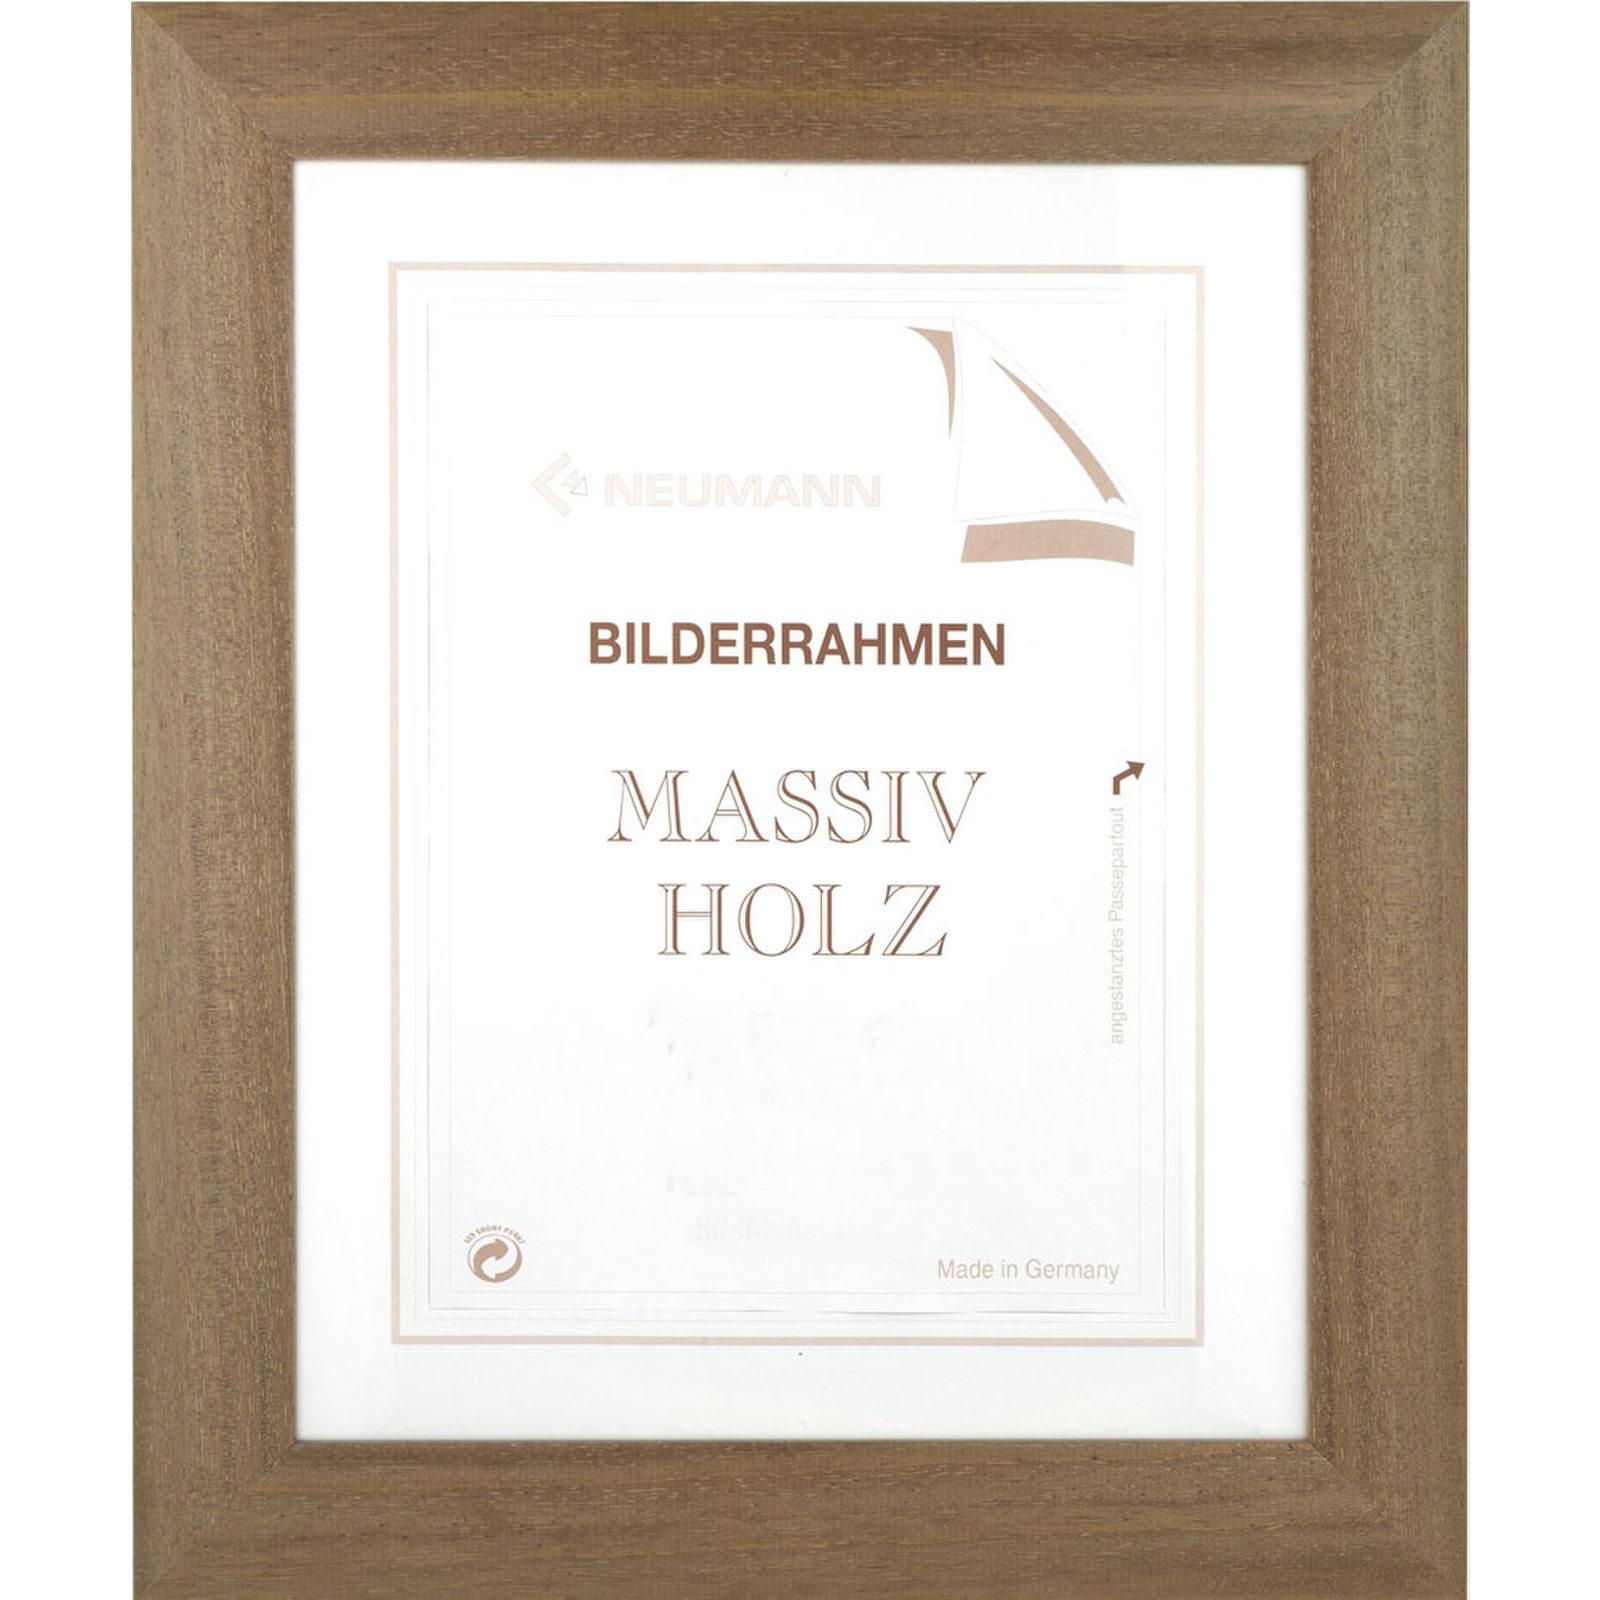 Holzrahmen BANGKOK, in 2 Farben, Bilderrahmen Holz in natur und ...